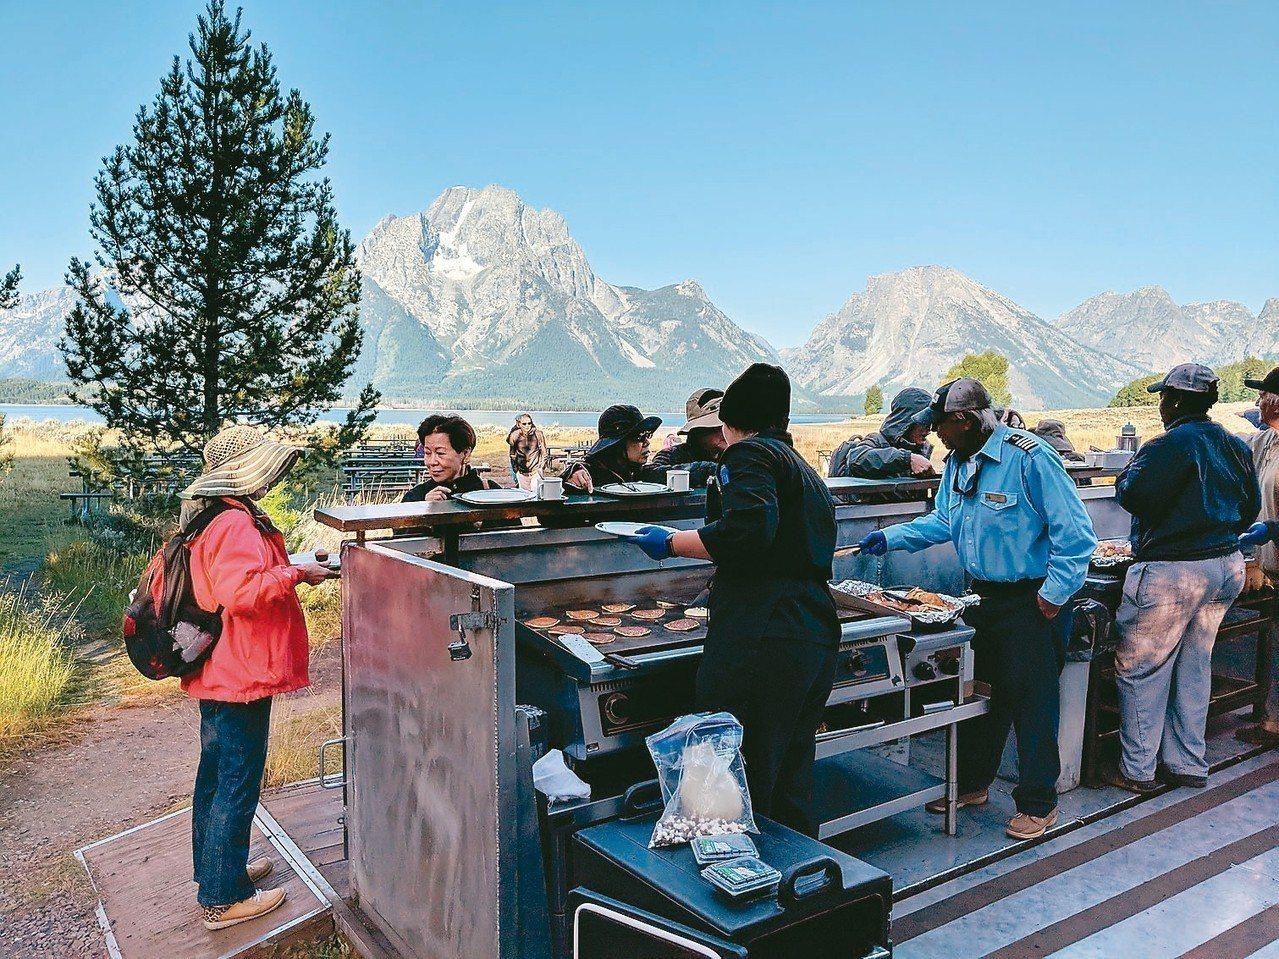 搭船到Elk島享用現場烹調的早餐,優閒欣賞湖光山色。 圖/有行旅提供